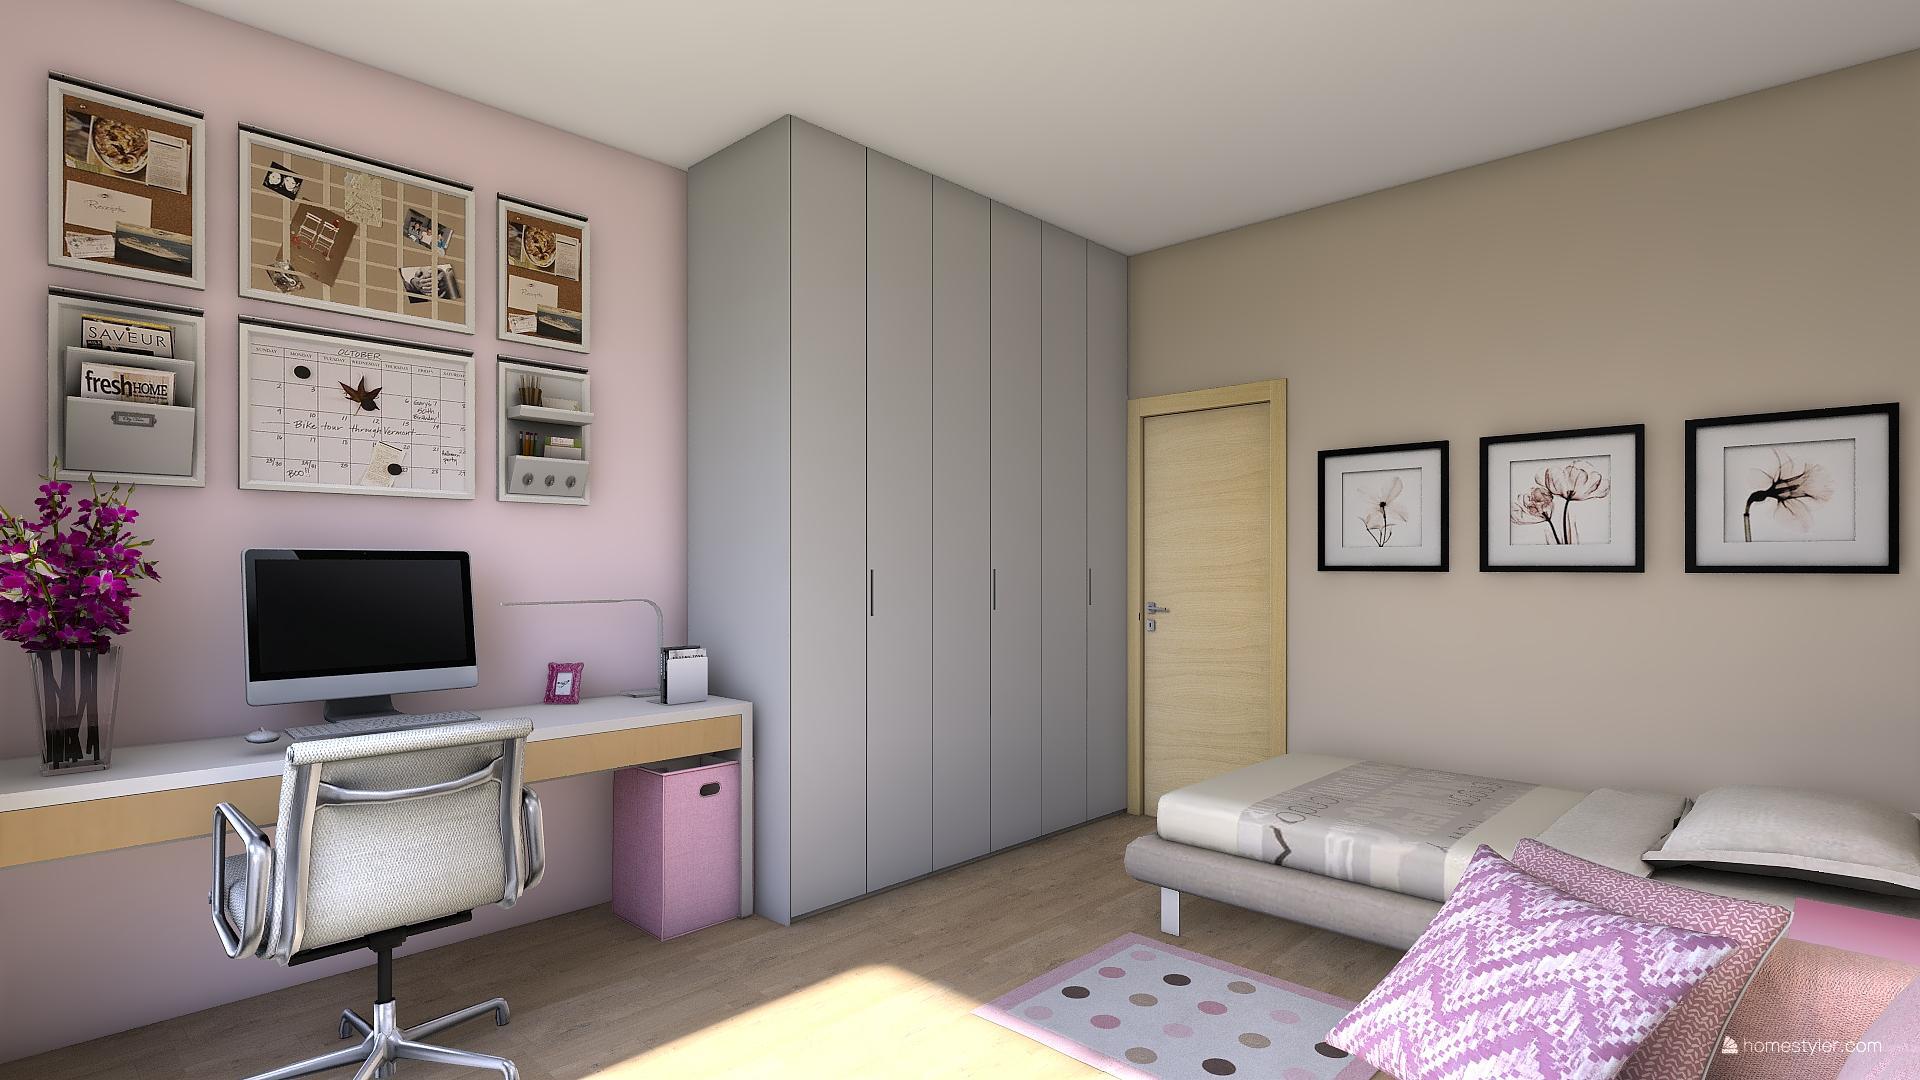 Mé dokonale nedokonalé vizualizace našeho budoucího domu - Zkouším rozvržení pokojíčku.